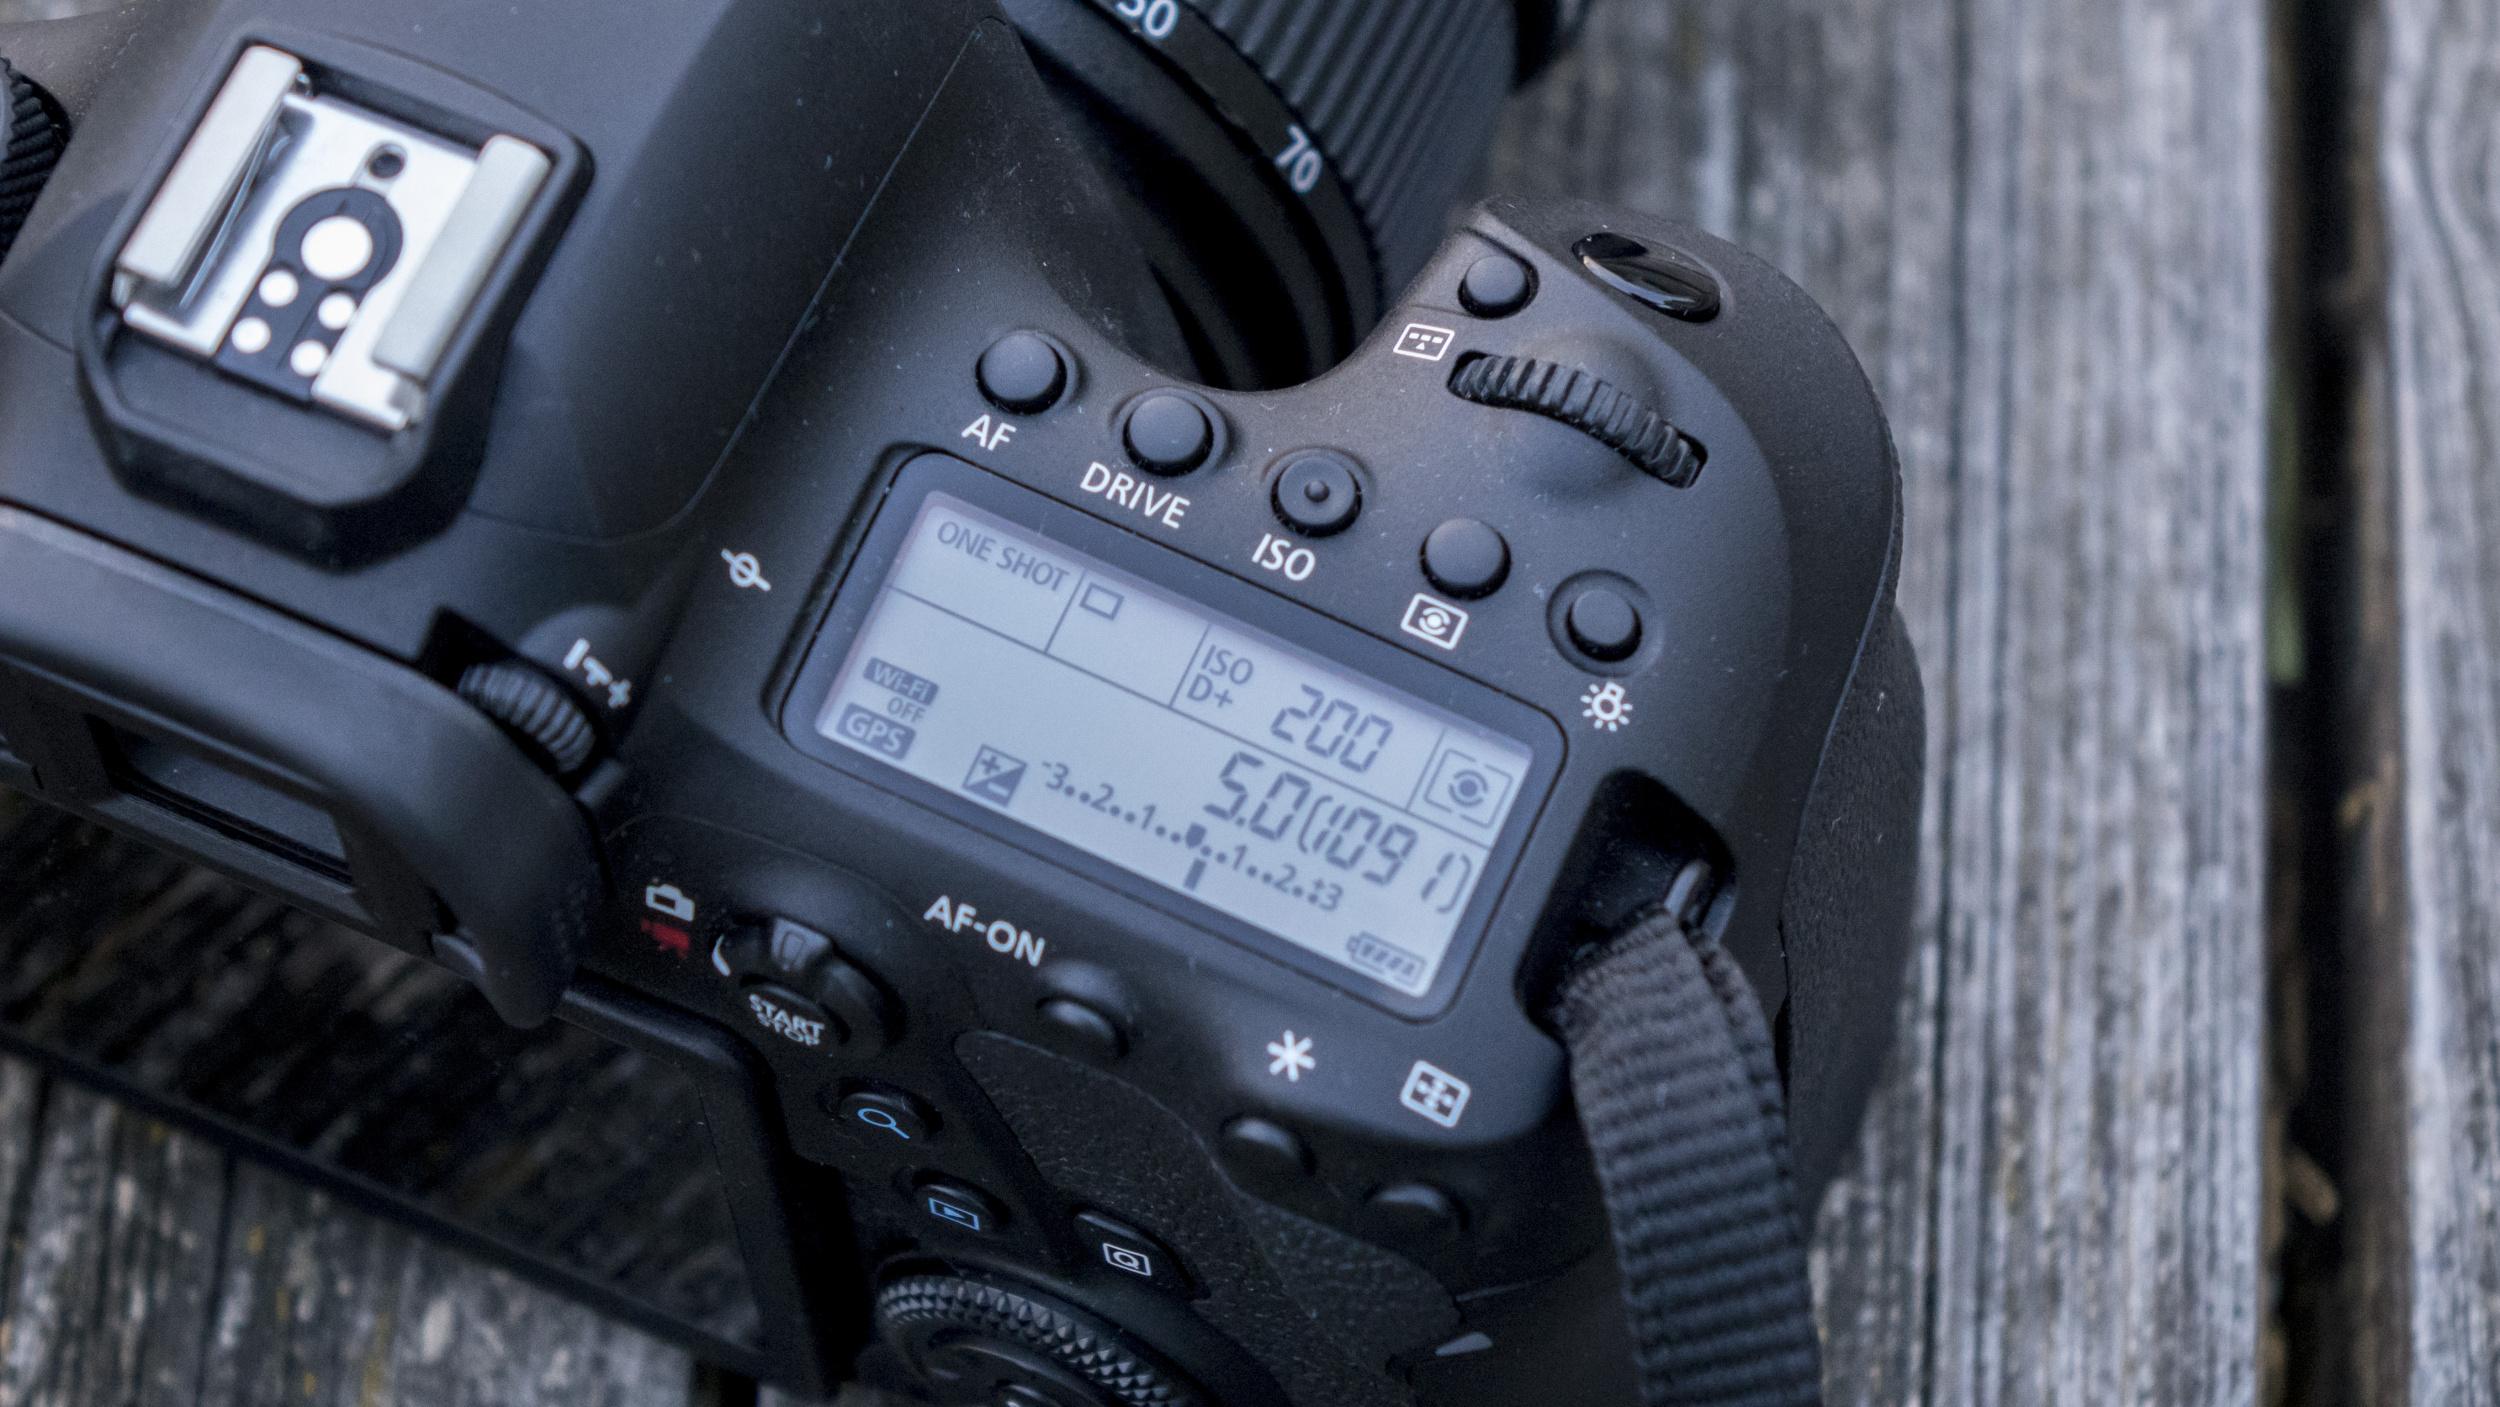 EOS 6D mark II rovnako ako jeho predchodca mieri predovšetkým k fotografom 28cf4c3eca1